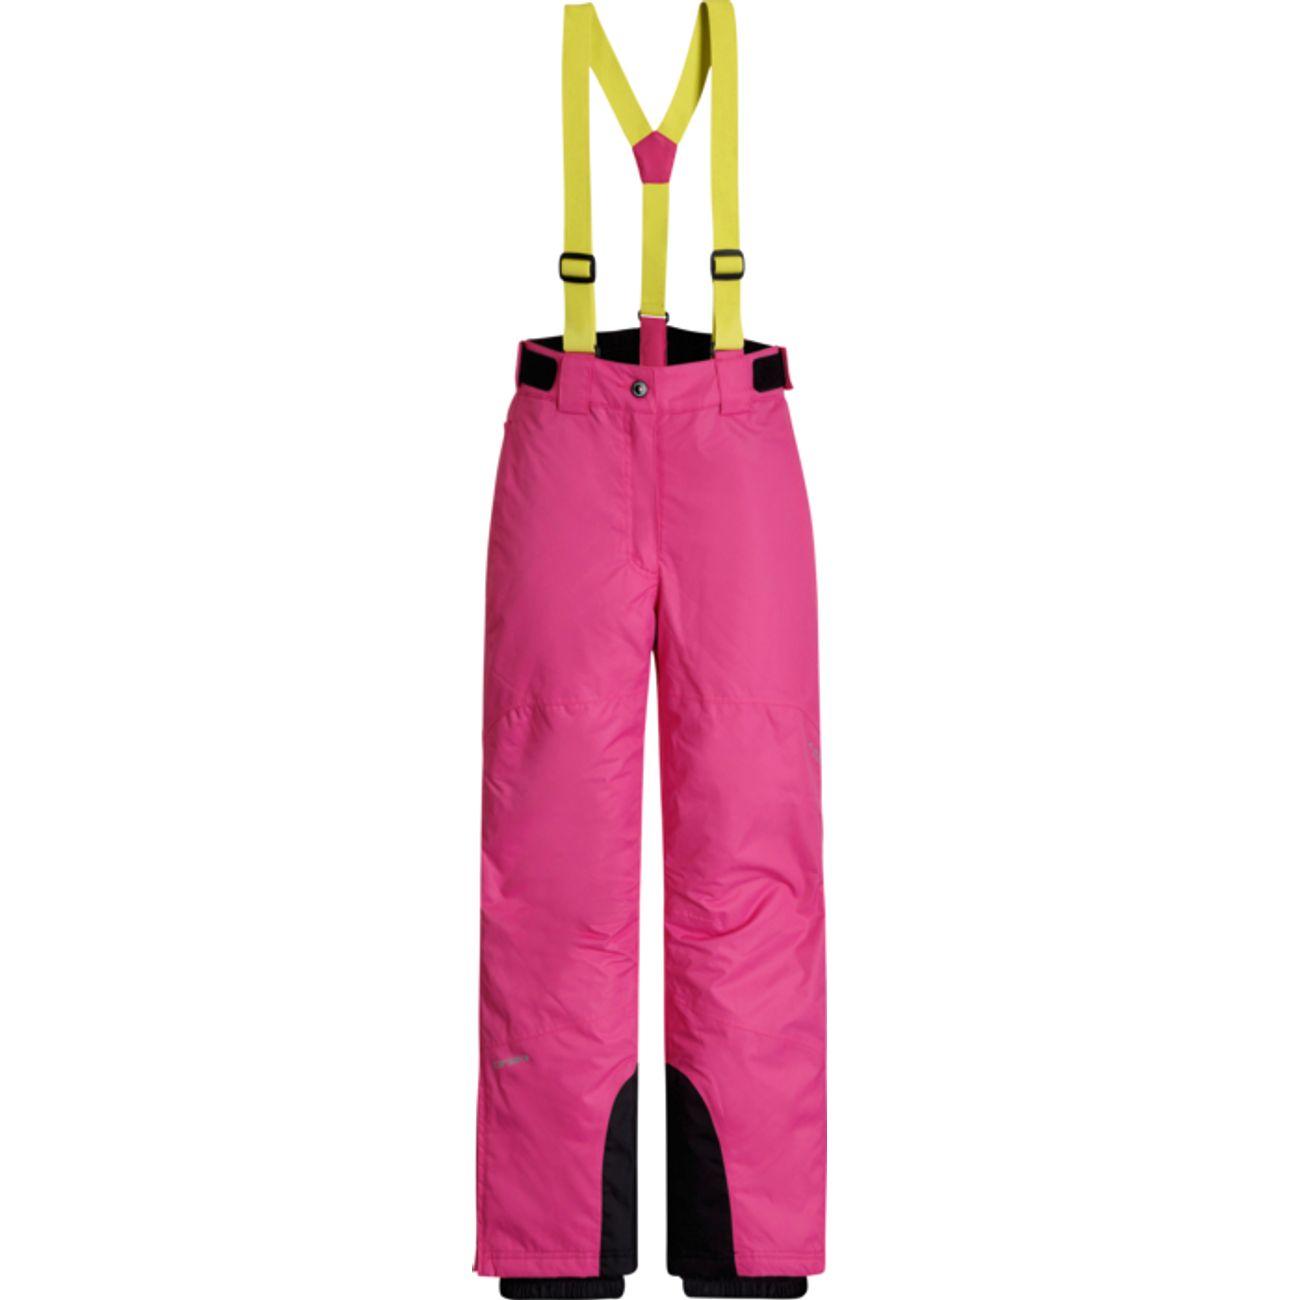 SALOPETTE Ski fille ICEPEAK LORENA